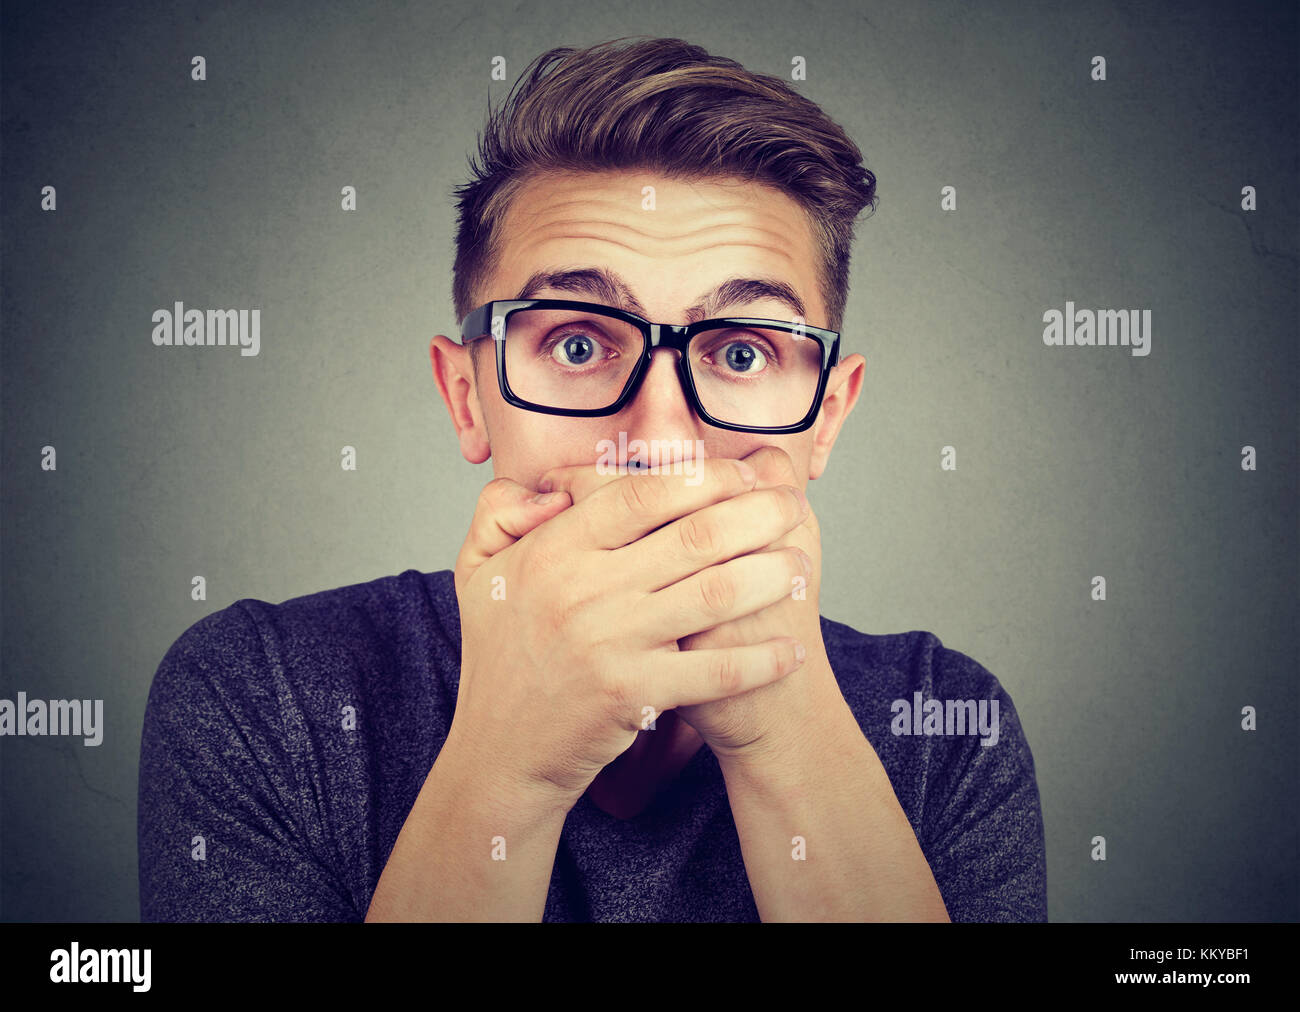 Ritratto di un giovane sconvolto l uomo che copre la bocca con le mani Immagini Stock